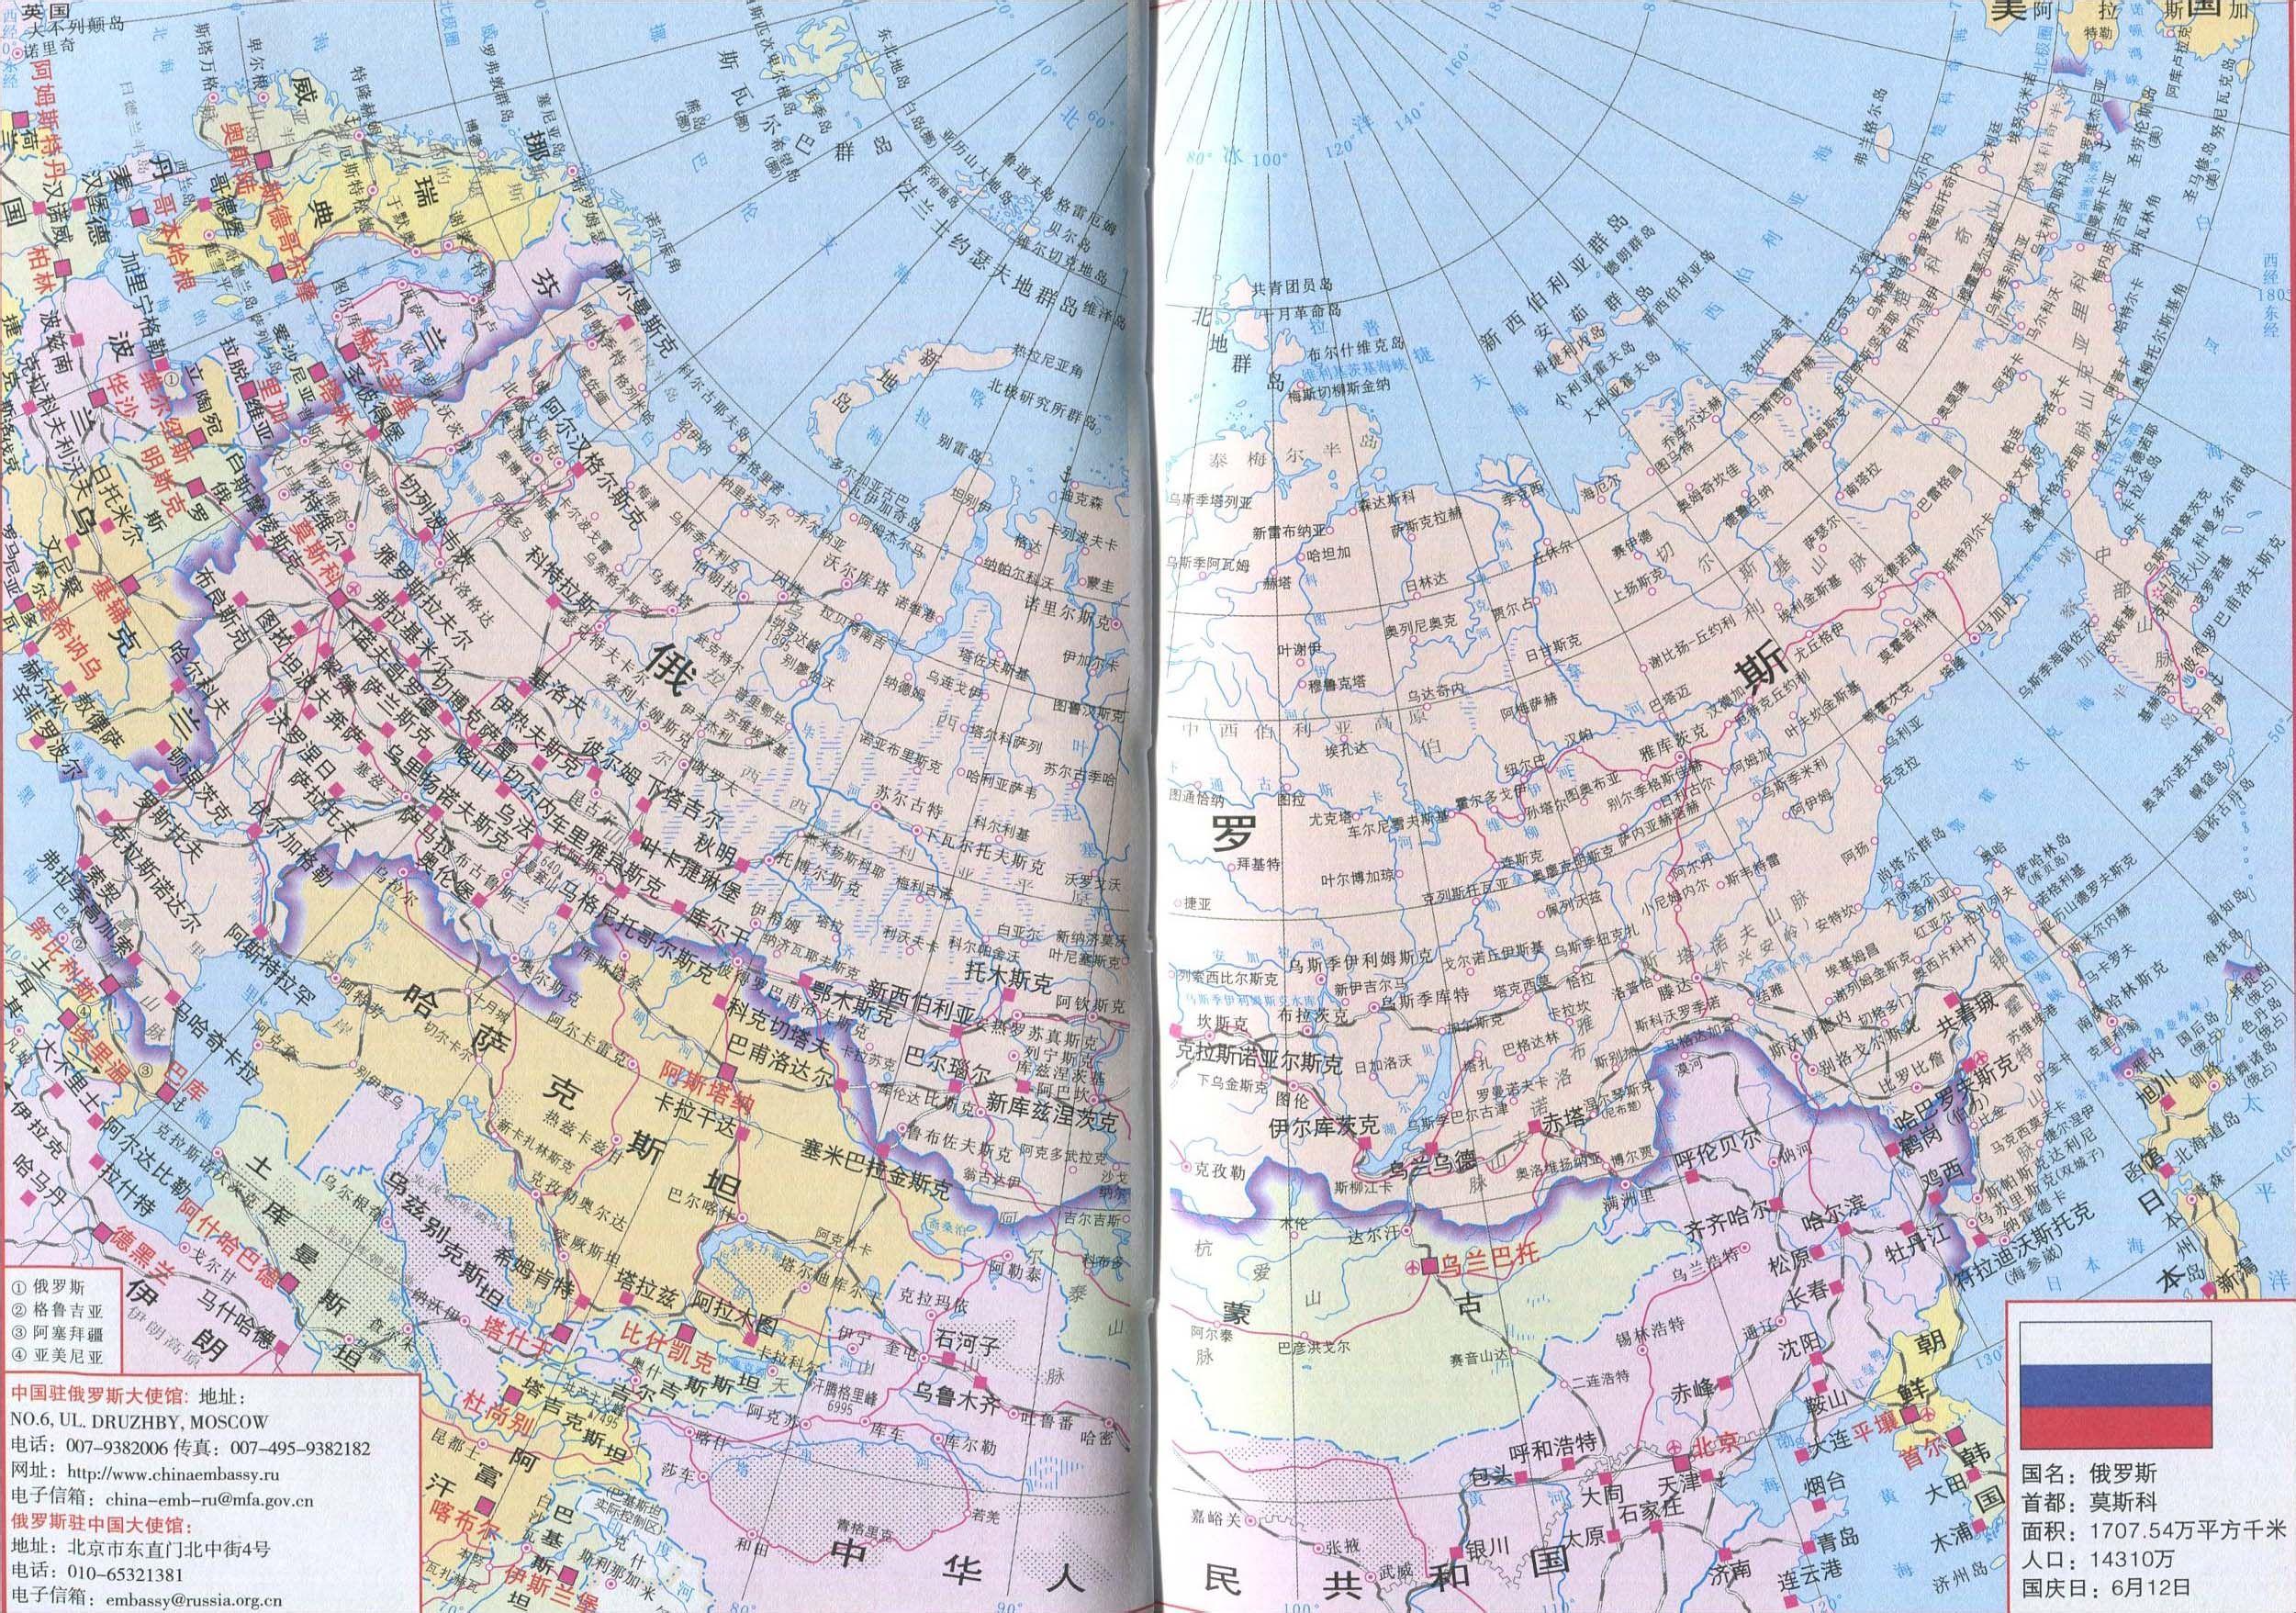 俄罗斯地图全图高清版